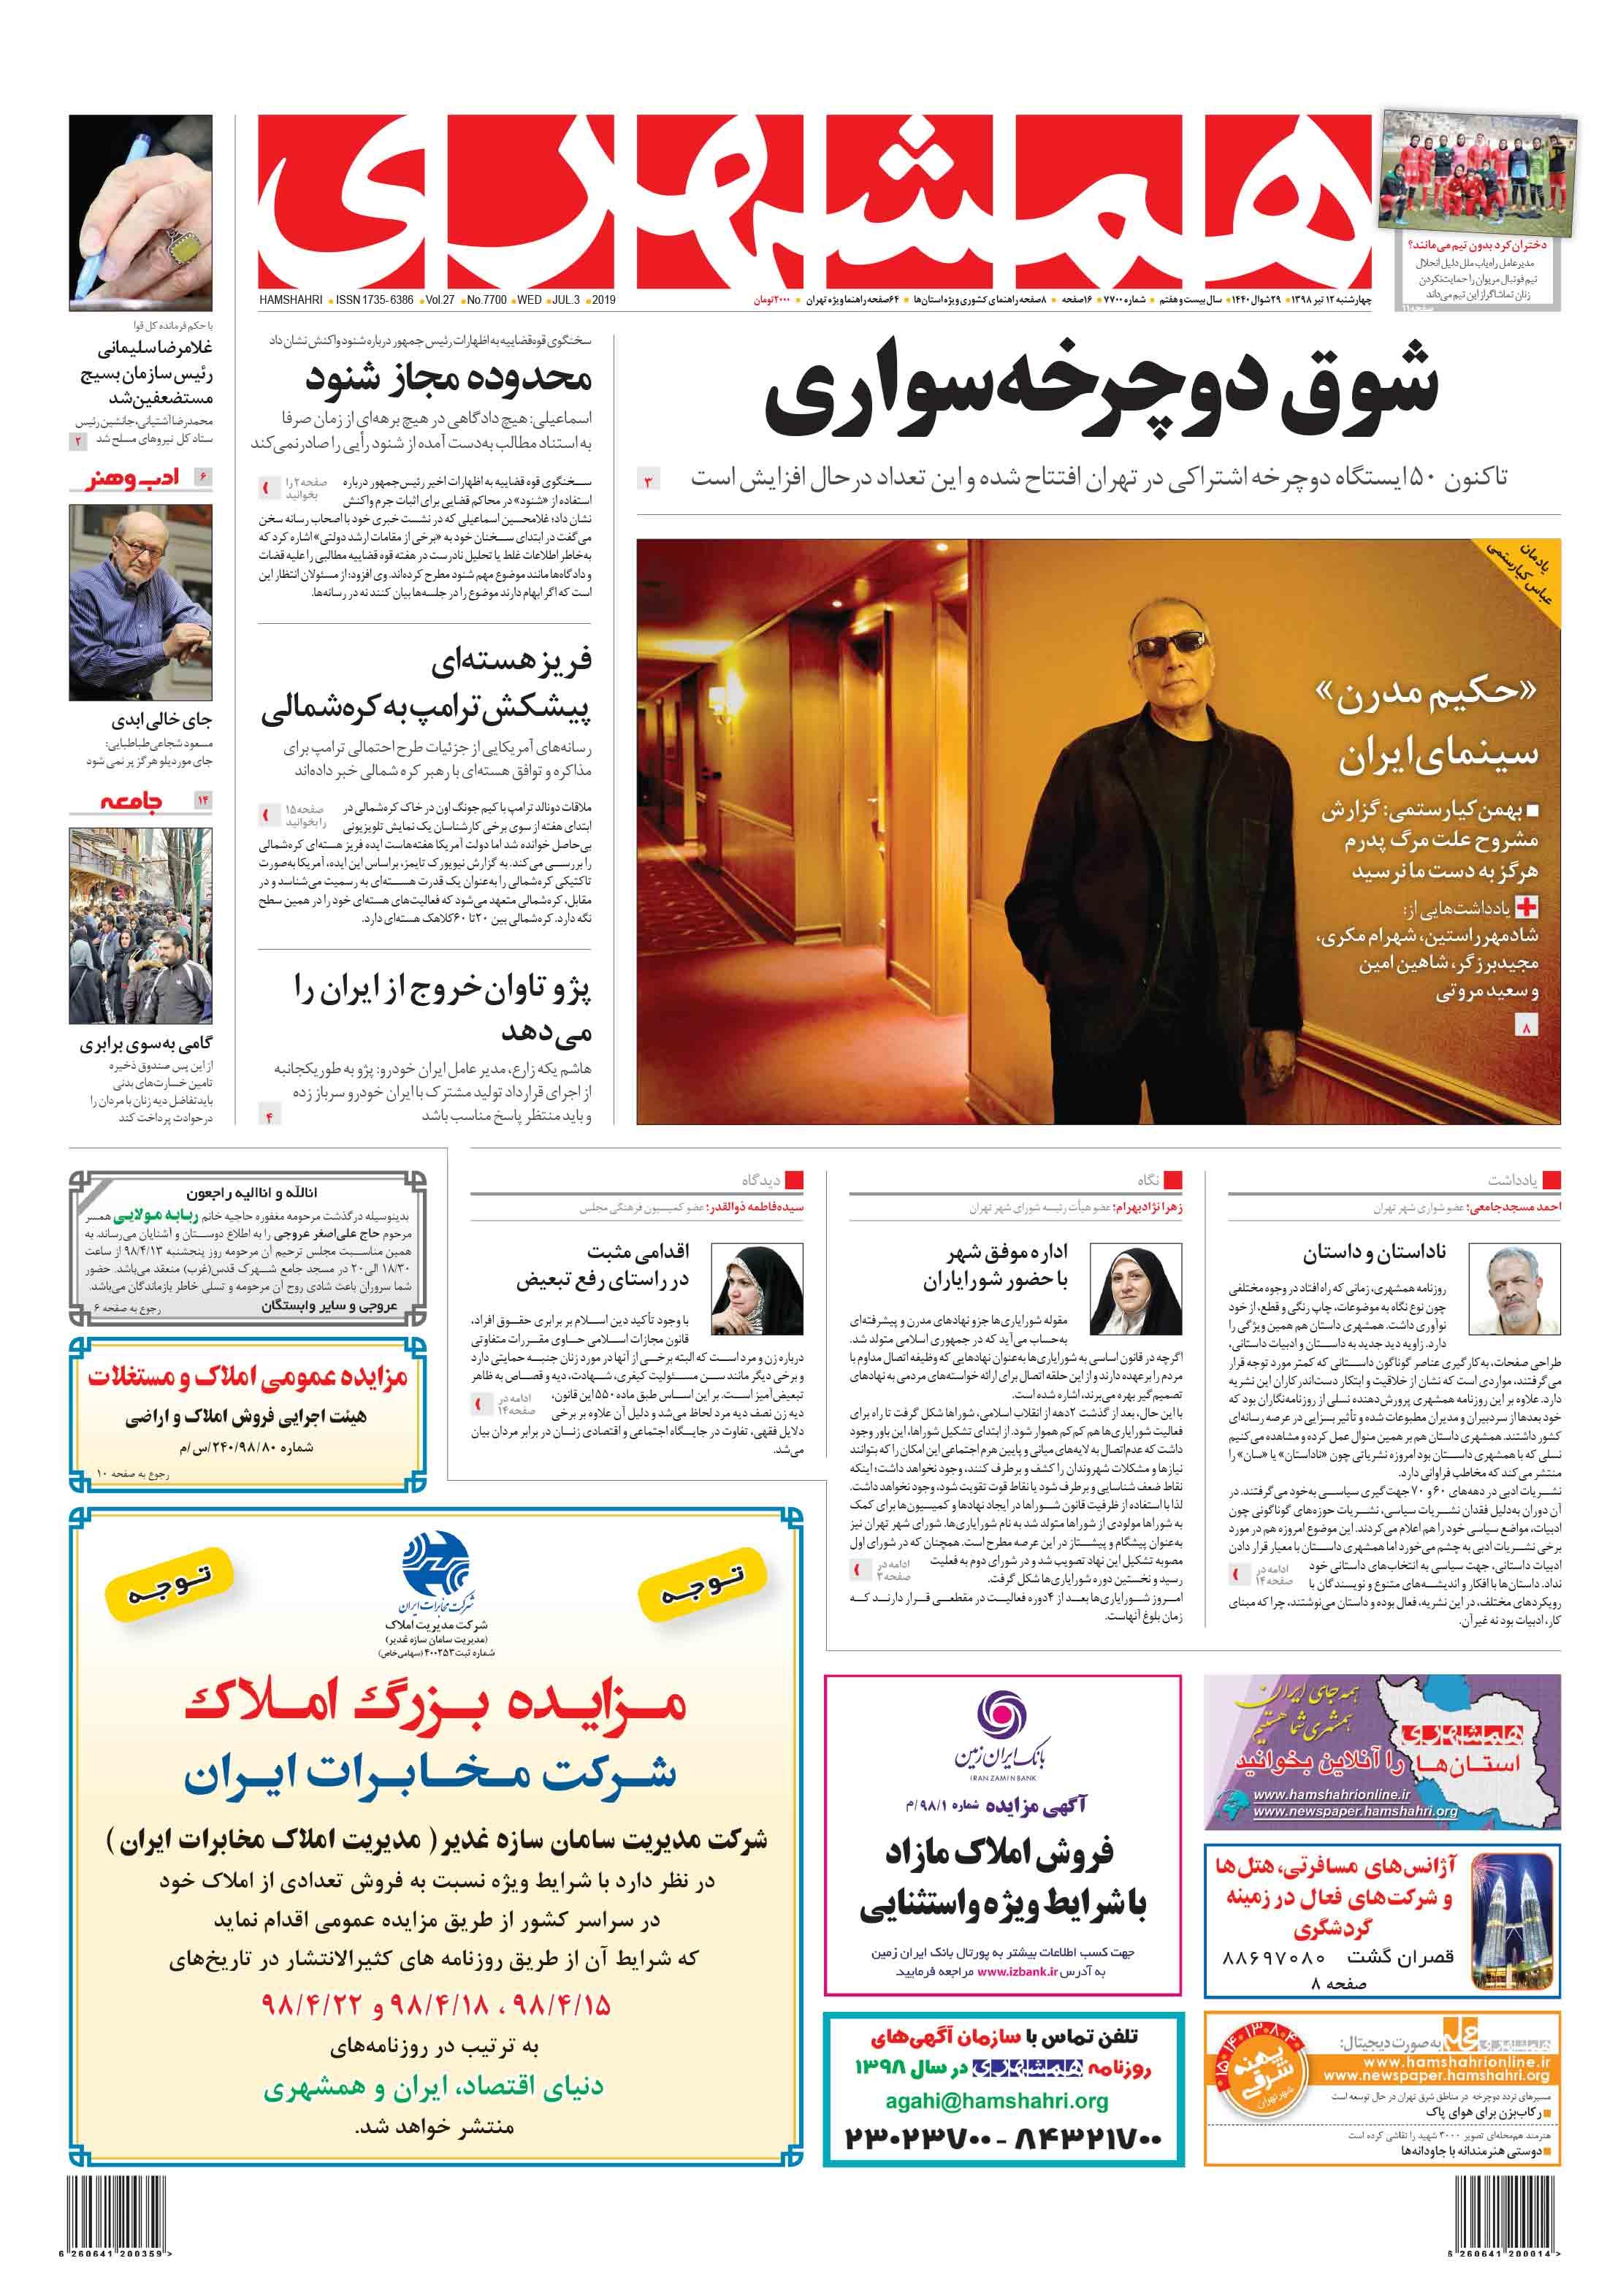 صفحه اول چهارشنبه 12 تیر 1398